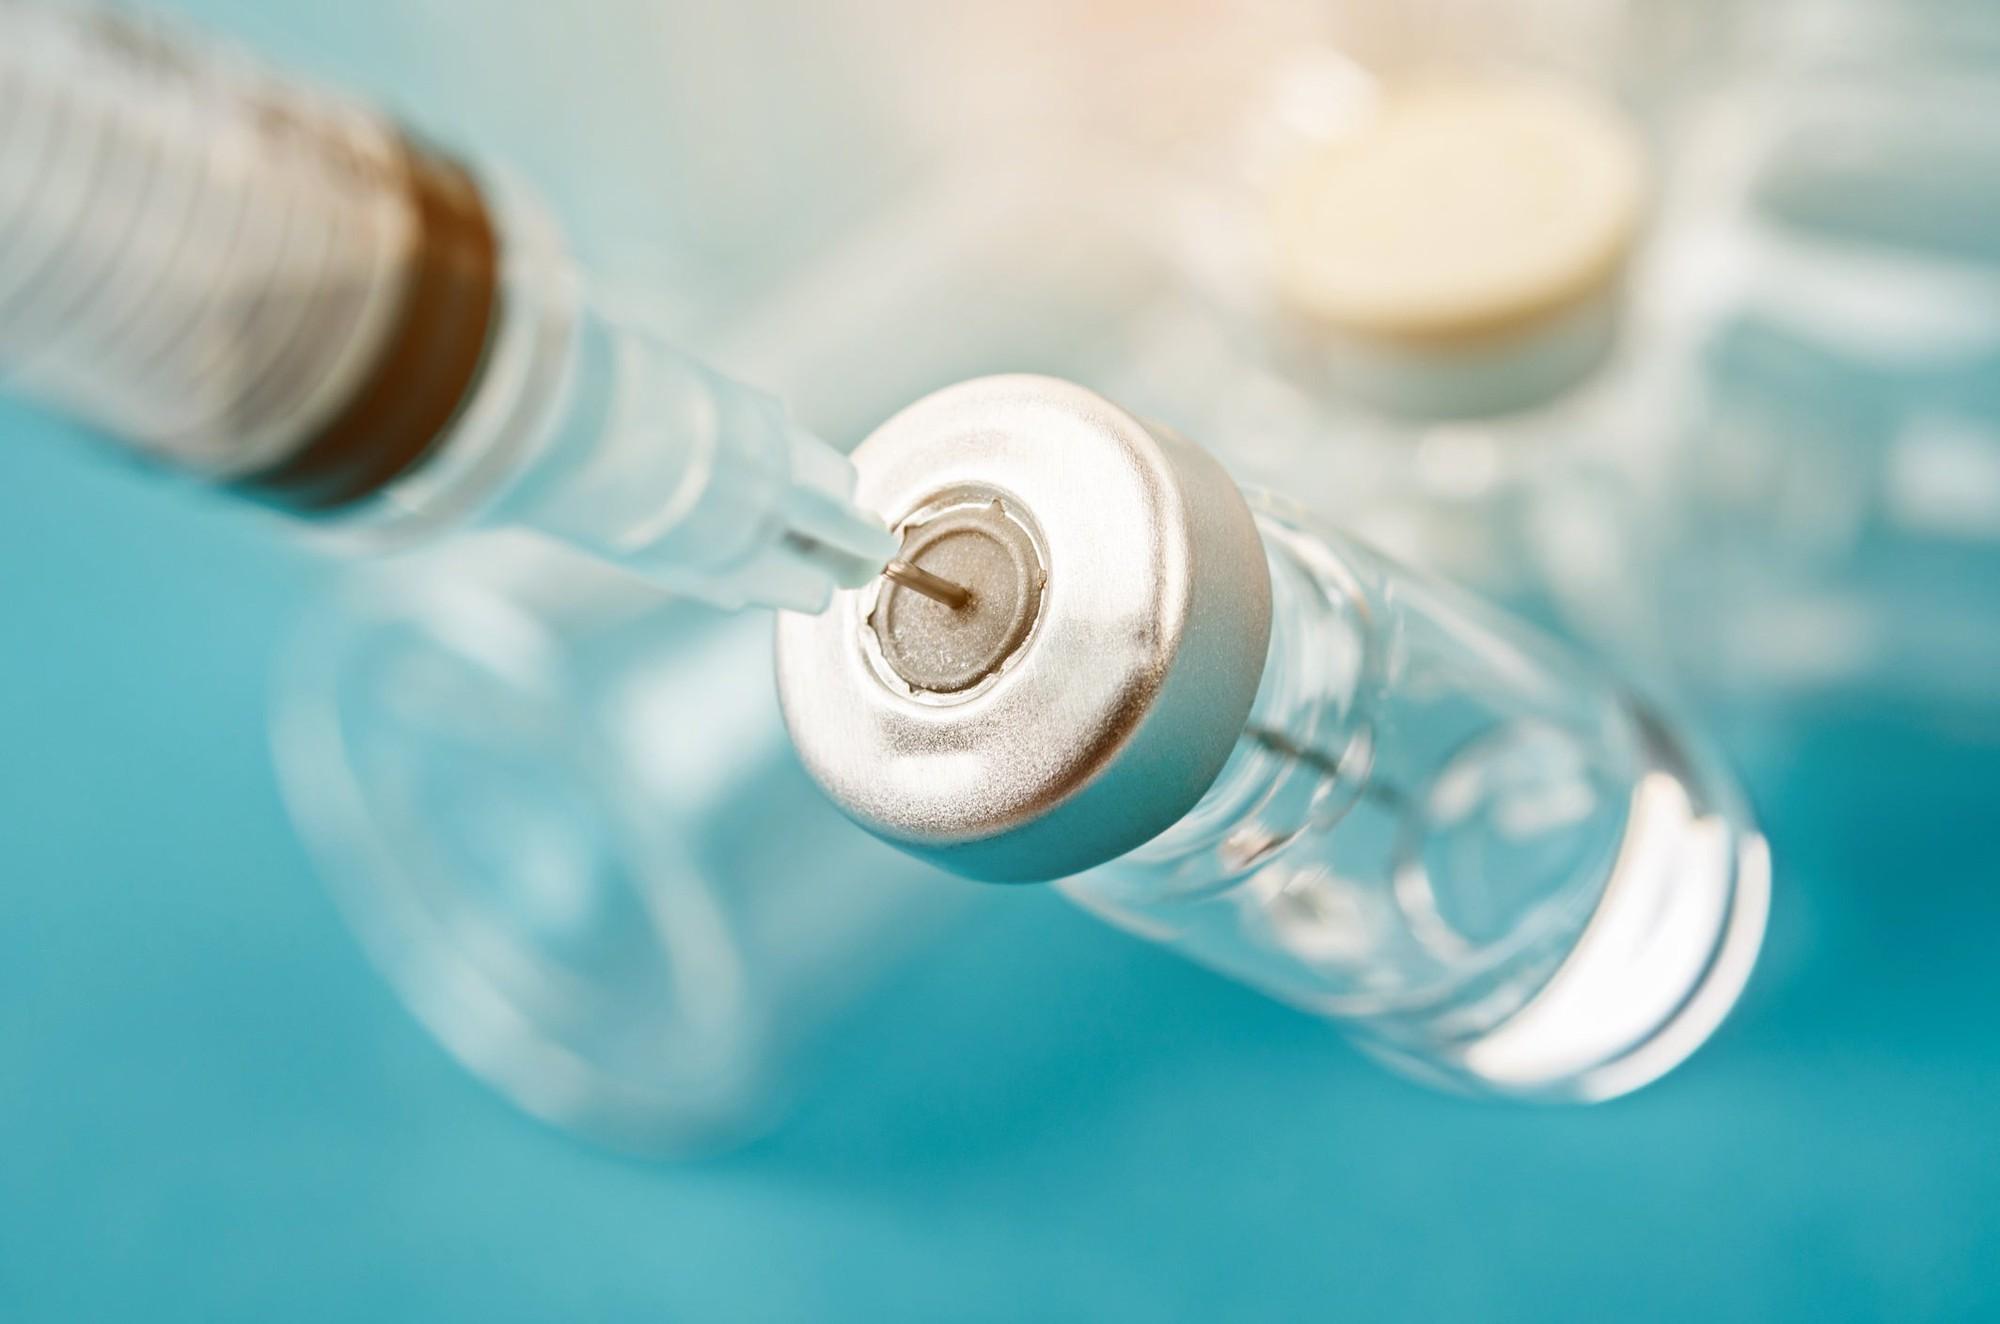 Almanya'daki Türk Prof. Uğur Şahin'in korona aşısı BioNTech-Pfizer Türkiye'ye neden getirilemez. Türk Eczacıları Birliği Başkanı acı gerçeği açıkladı